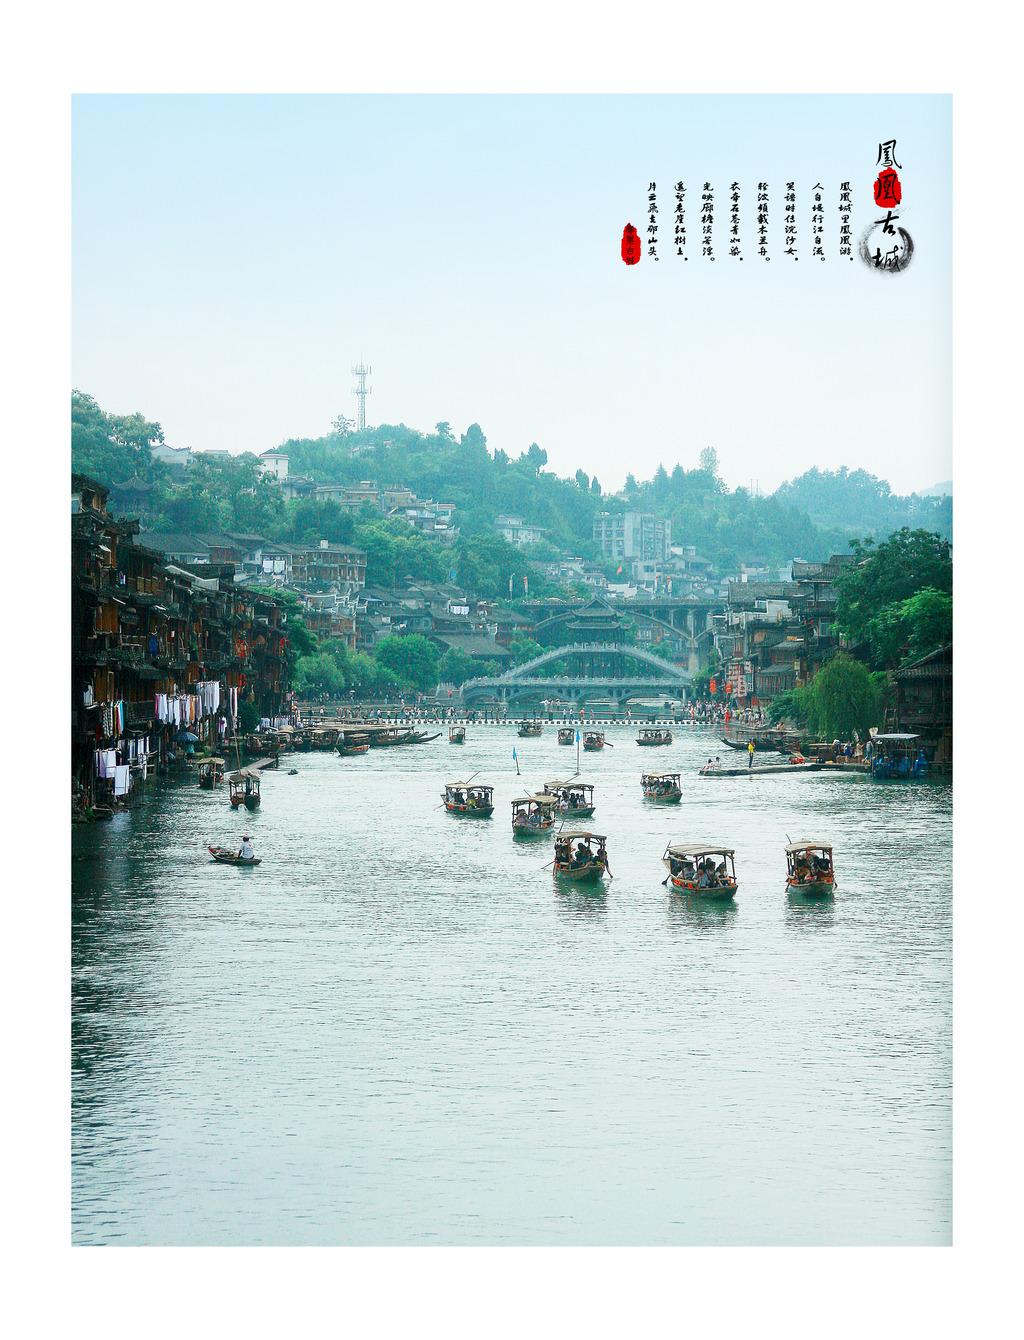 凤凰古城高清风景设计照片下载模板下载(图片编号:)